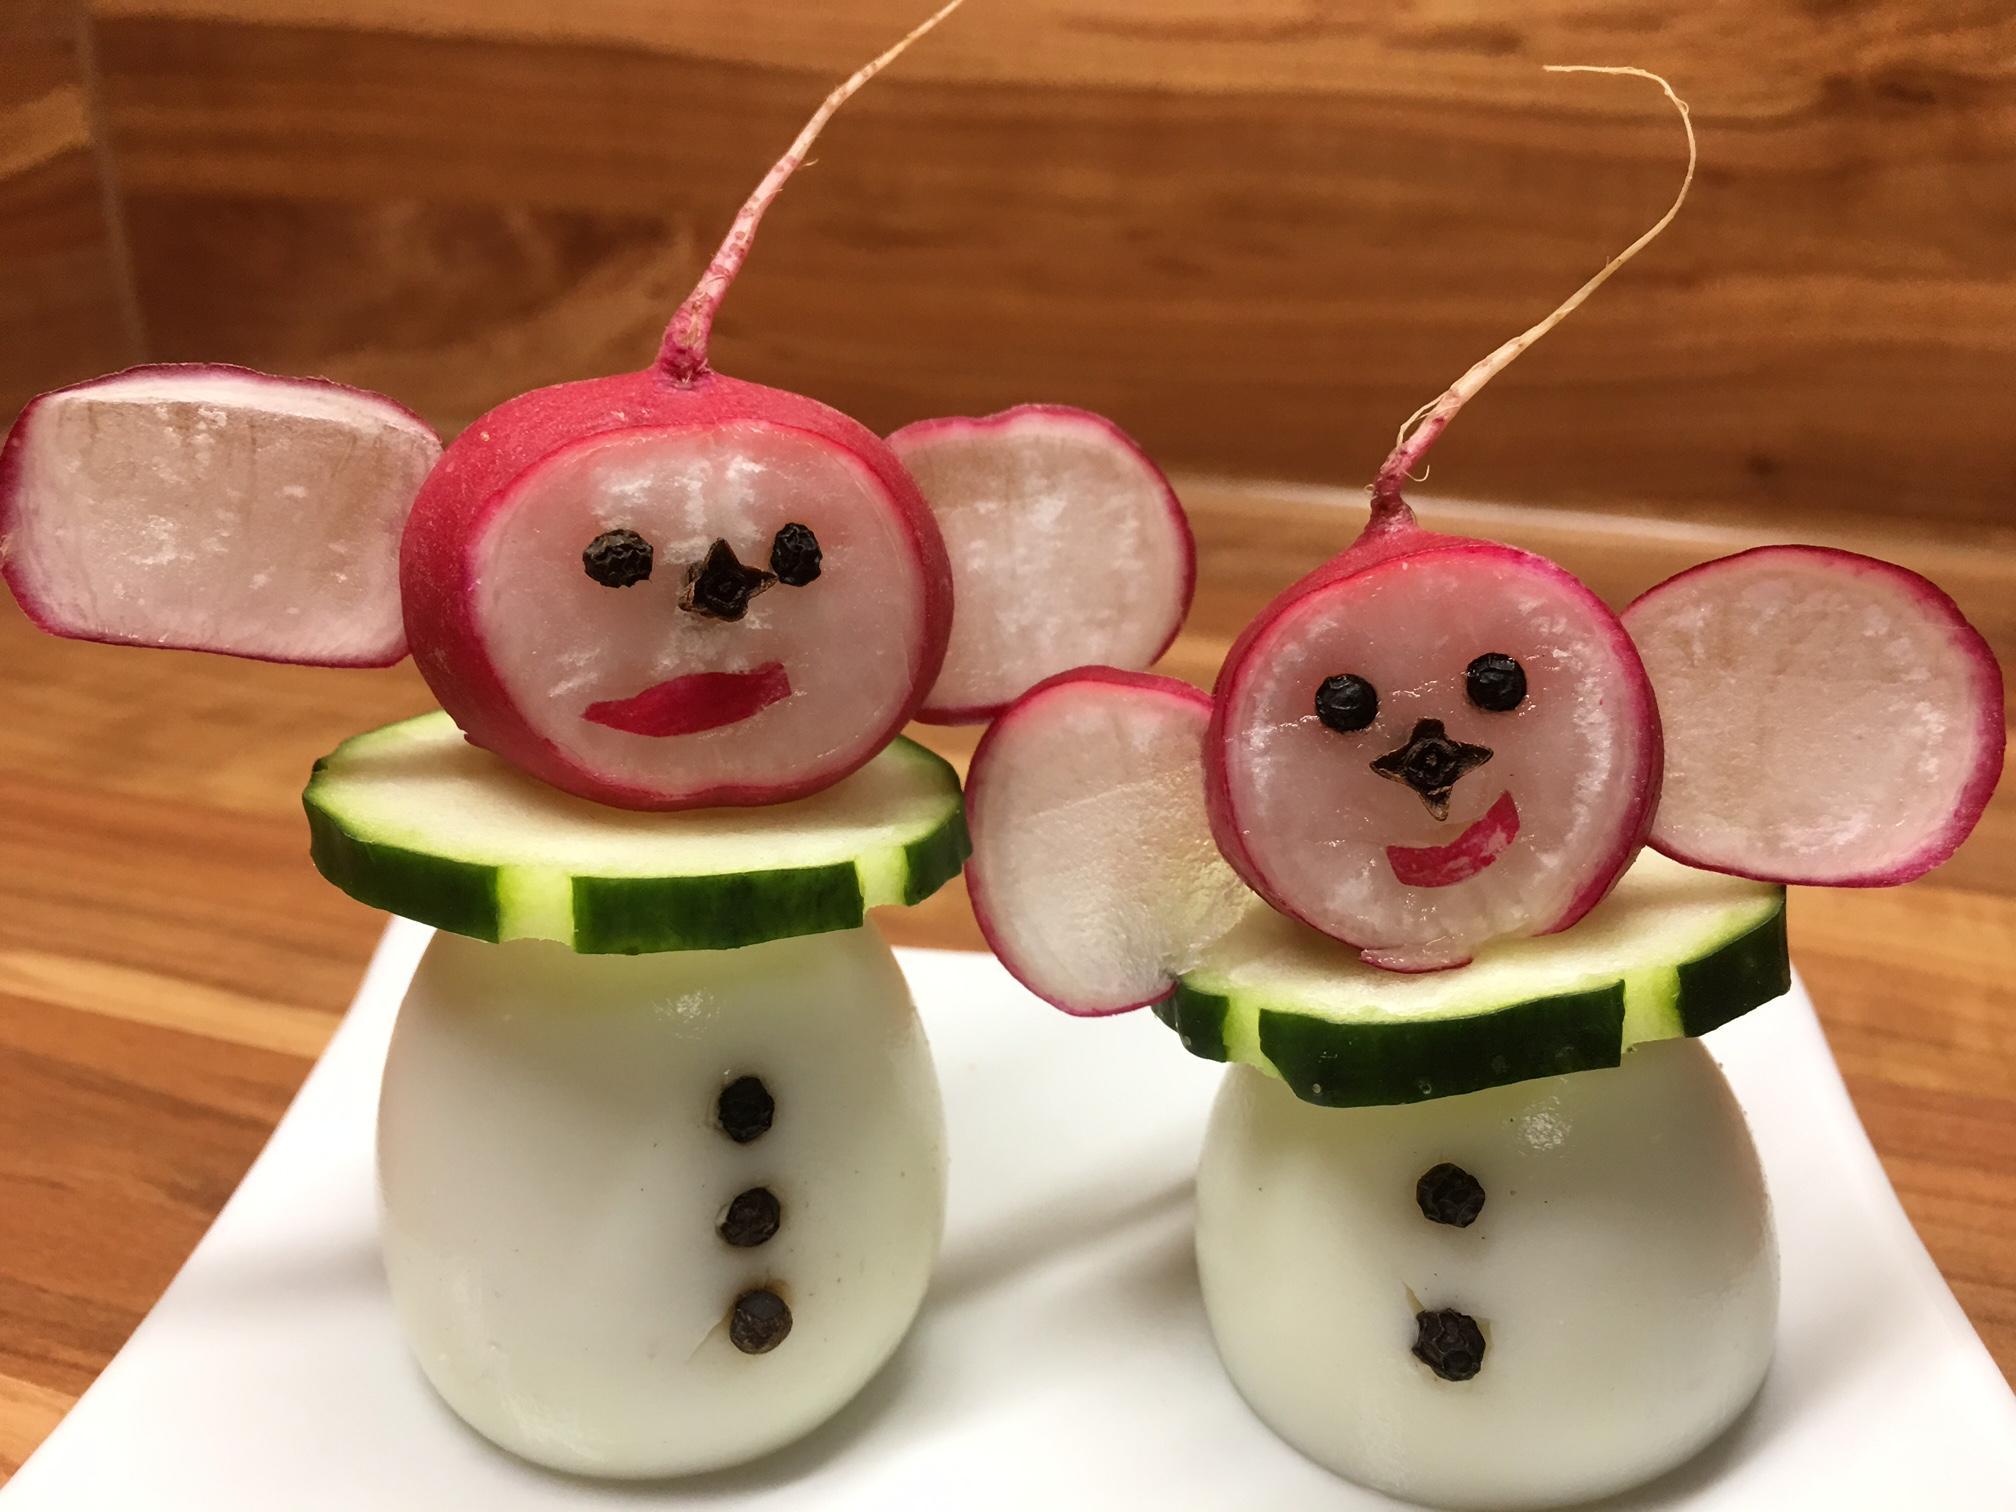 Lustiges Weihnachtsessen.Lustige Wichtel Gesunde Food Deko Nicht Nur Zum Weihnachtsessen